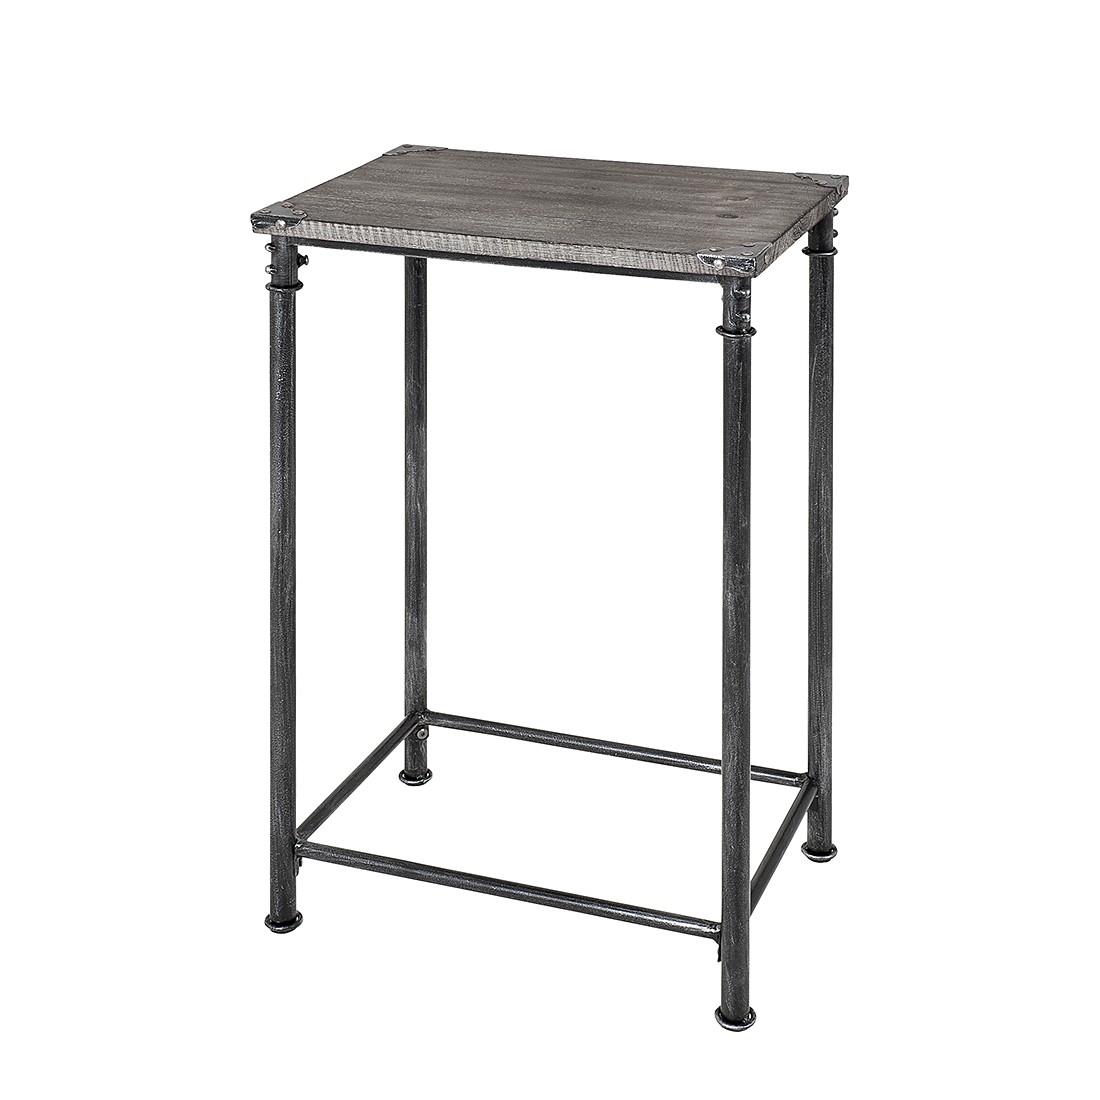 Bijzettafel Doubs IV - staal/massief hout - antiek/zwart/gekalkt grijs, furnlab